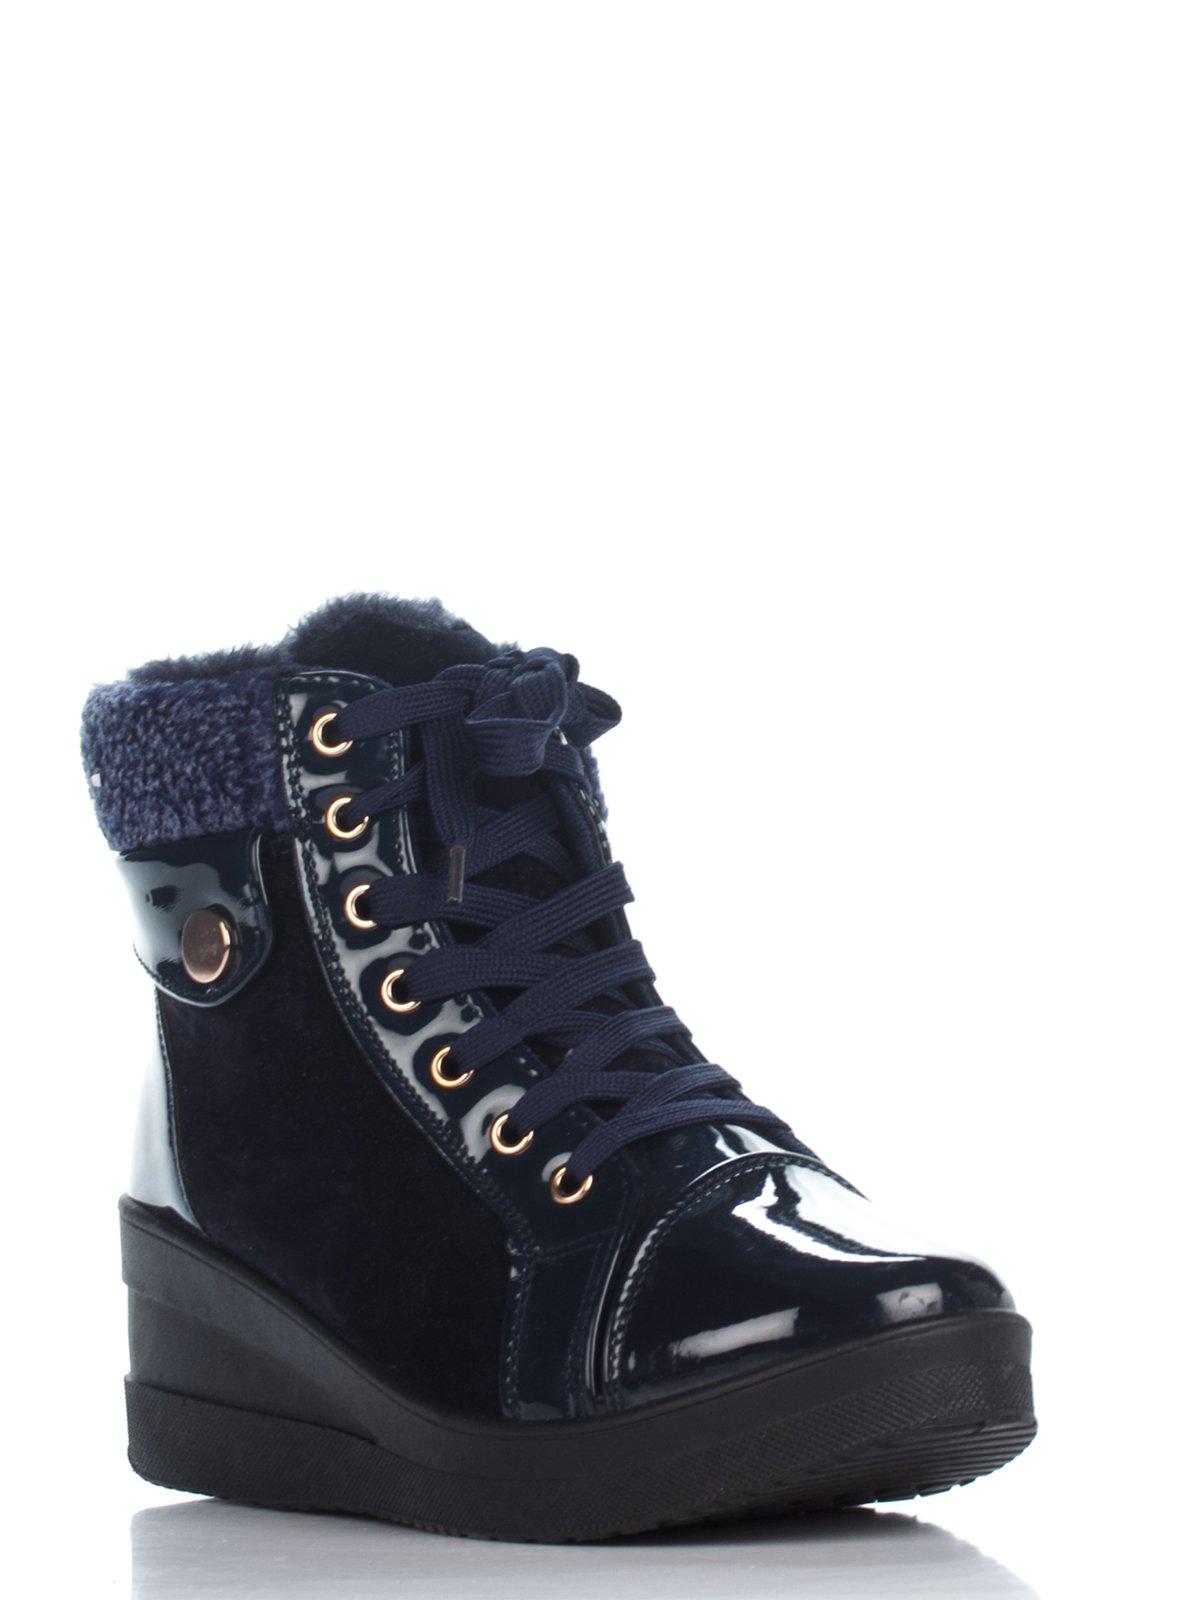 Ботинки темно-синие | 2974849